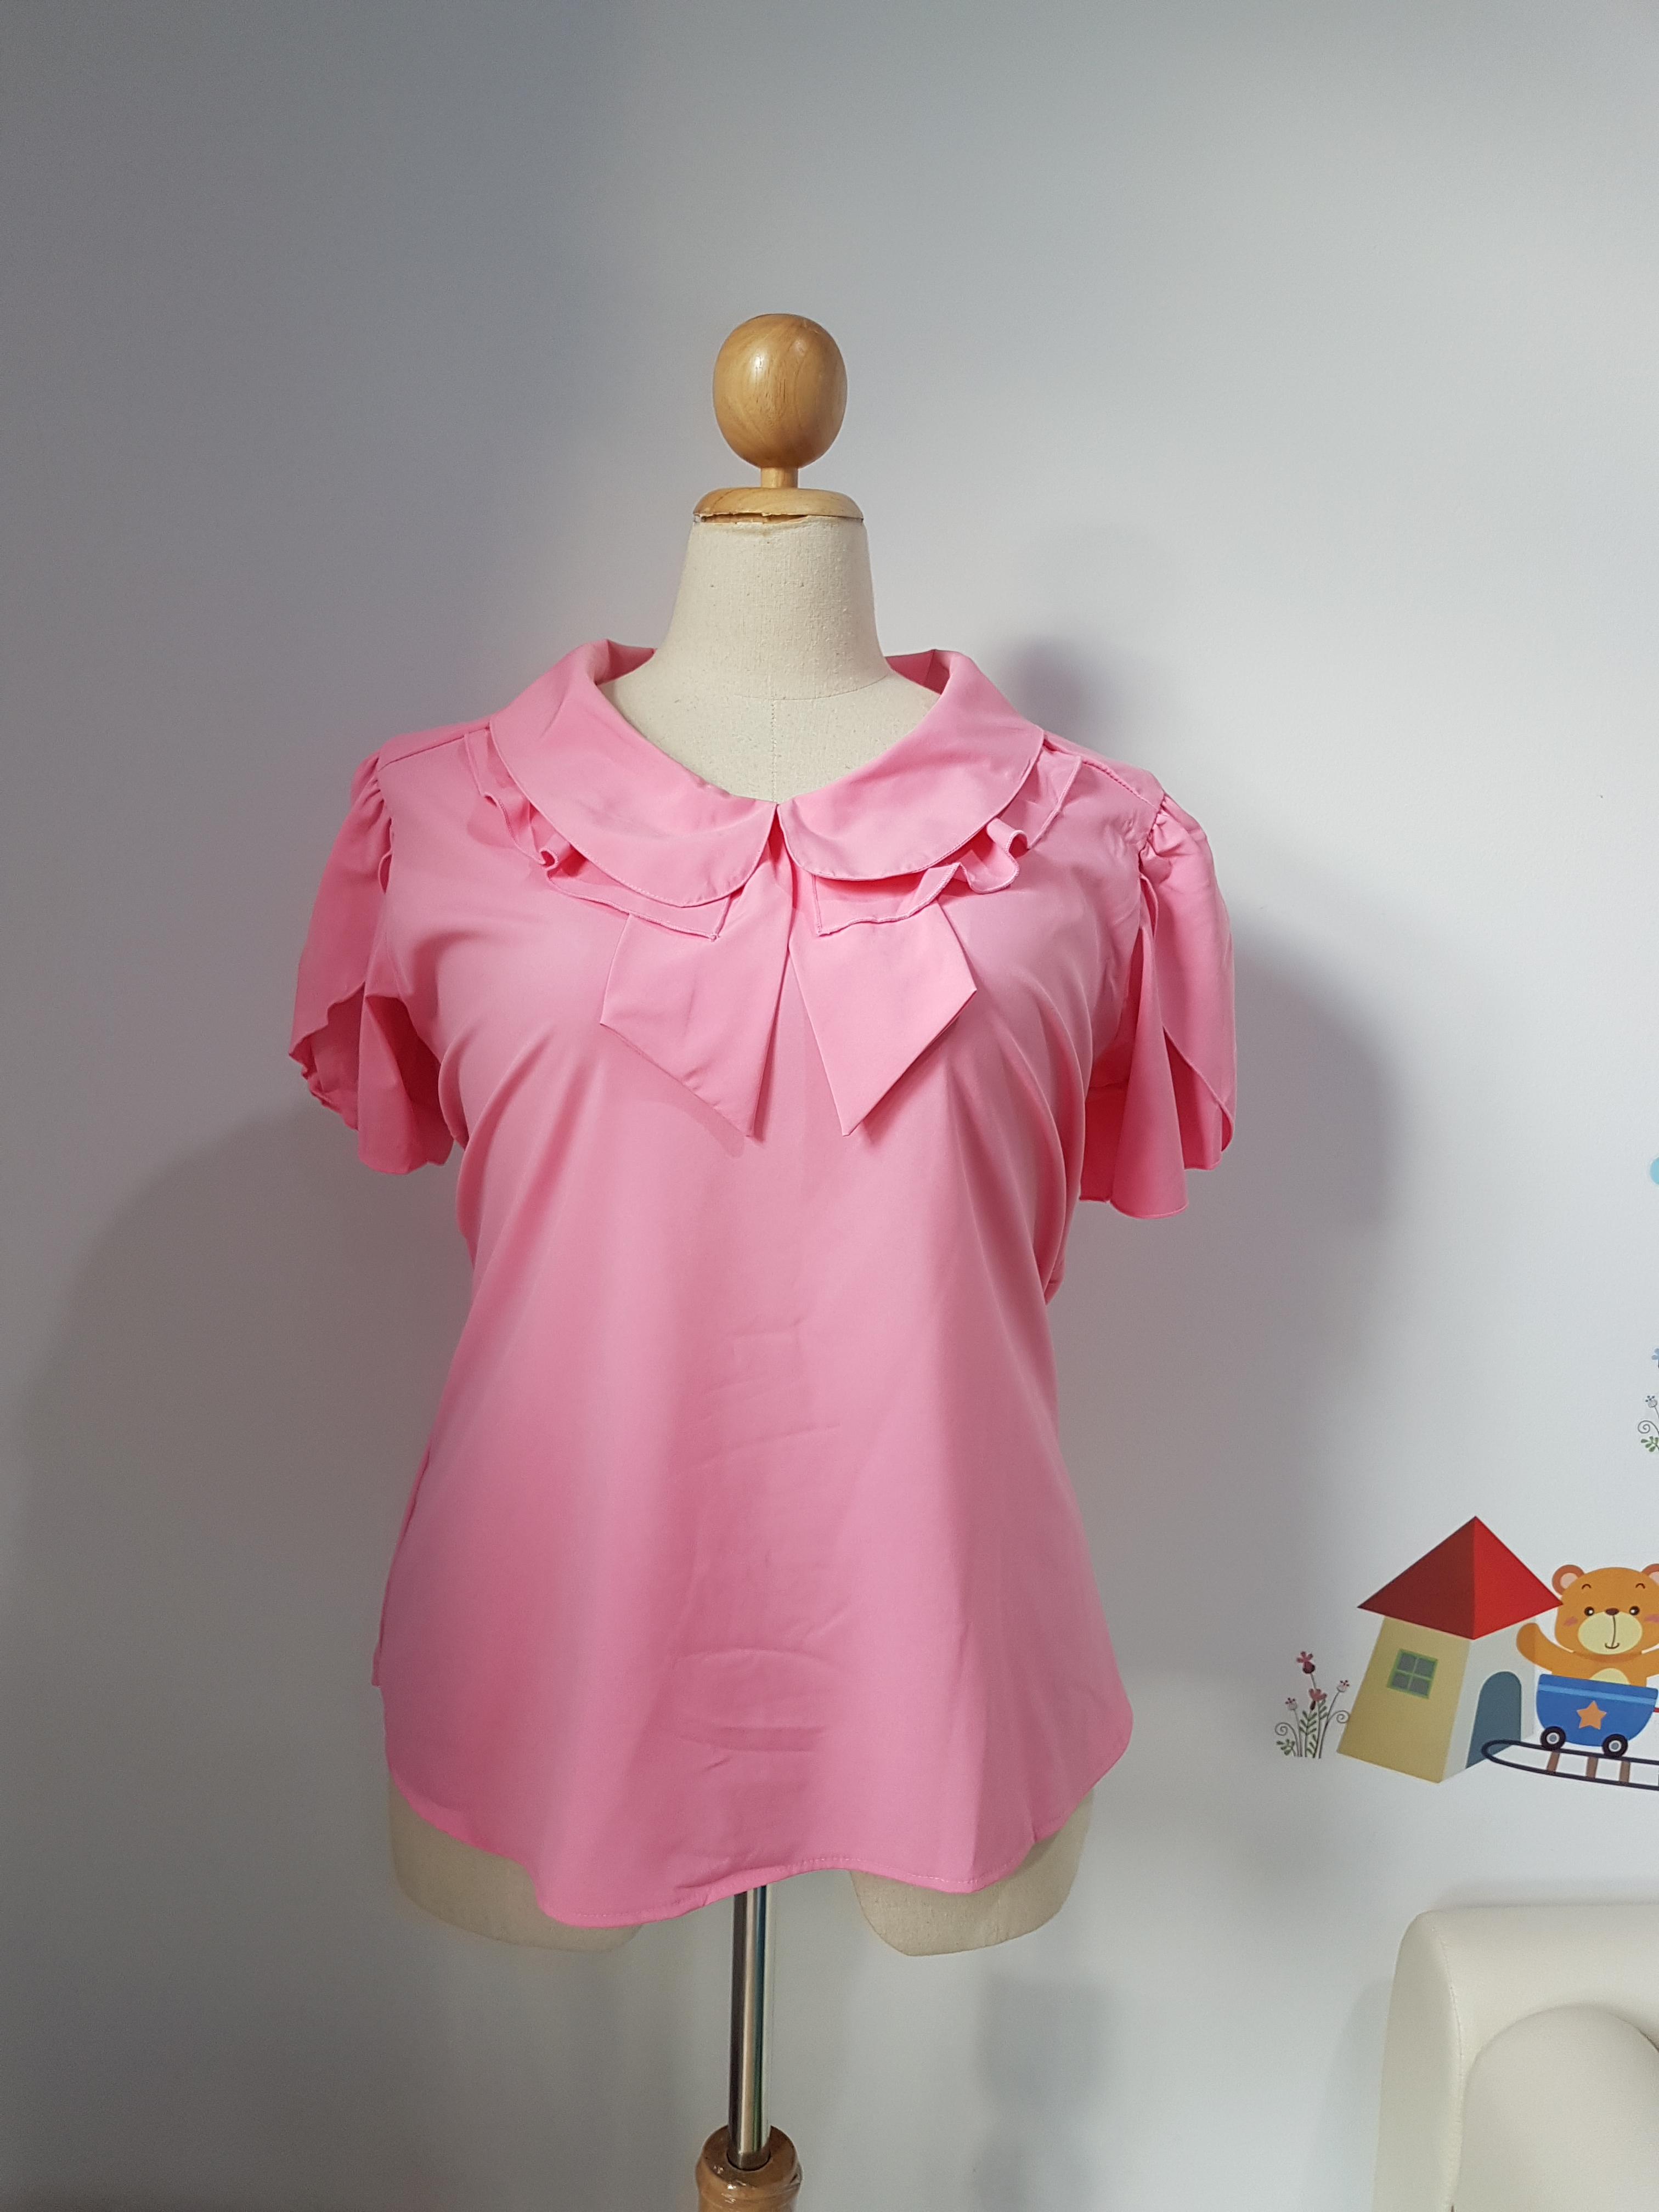 เสื้อ ผ้าไหมอิตาลี คอปกบัวซ้อน สีชมพู ไซส์ XXL อก 50 นิ้ว